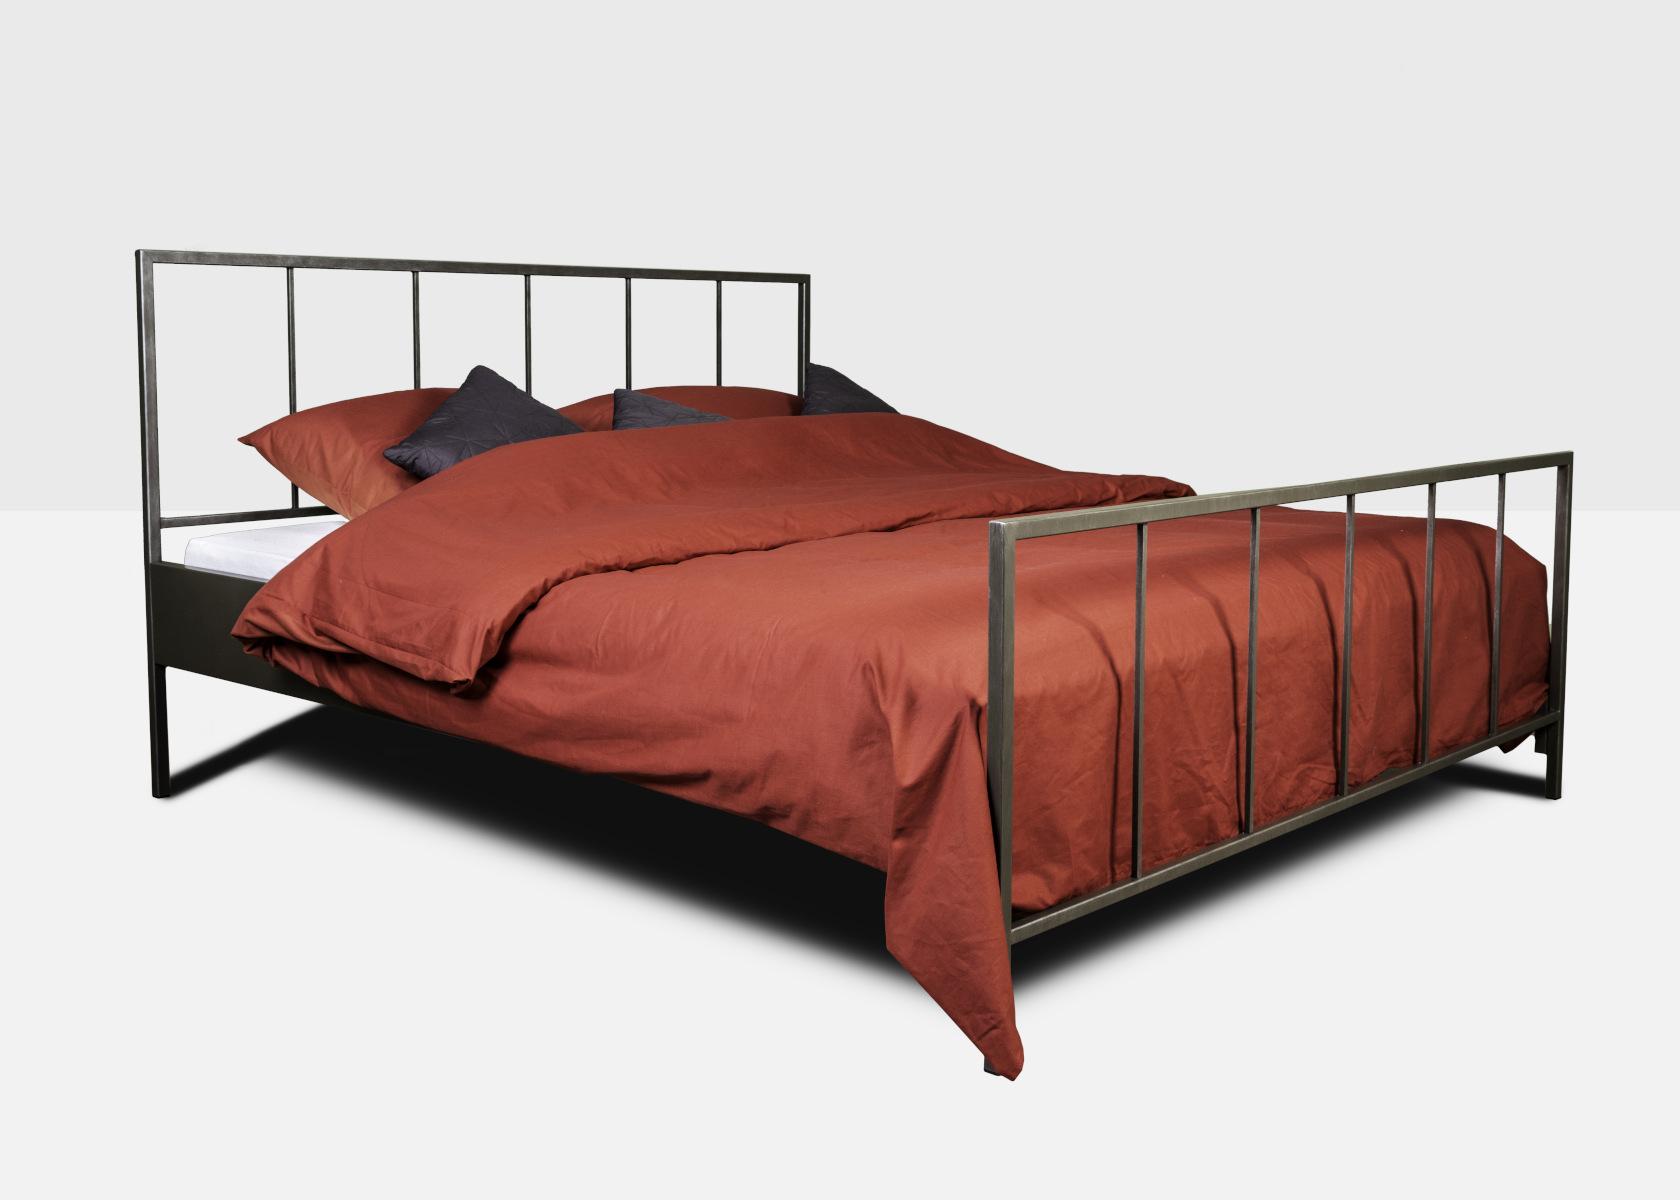 Full Size of Bett Antik Mons Designer Metallbett Metallbettenshop Gebrauchte Betten 200x200 Mit Bettkasten Möbel Boss Für übergewichtige 200x220 Weiß 180x200 90x200 Bett Bett Antik